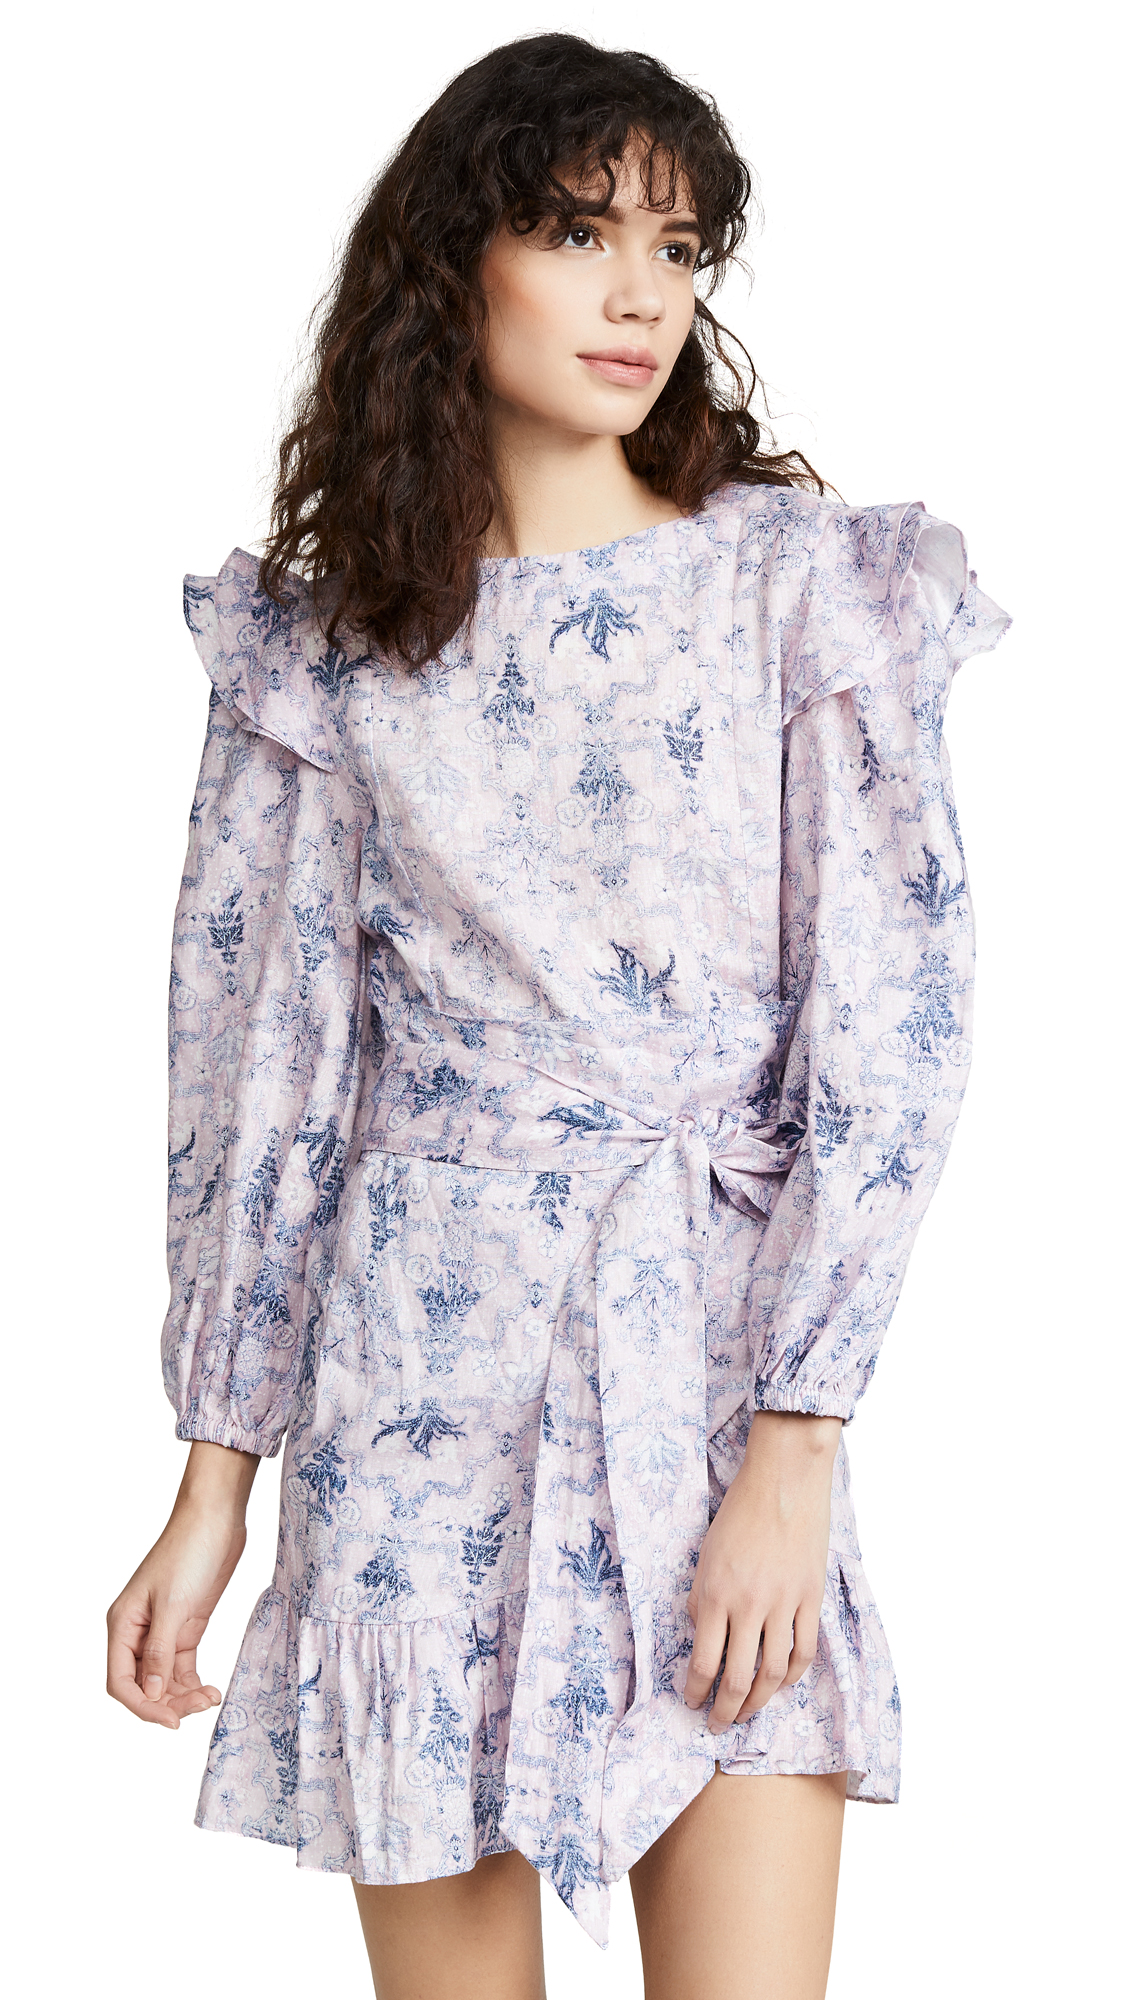 Isabel Marant Etoile Telicia Dress - Pink